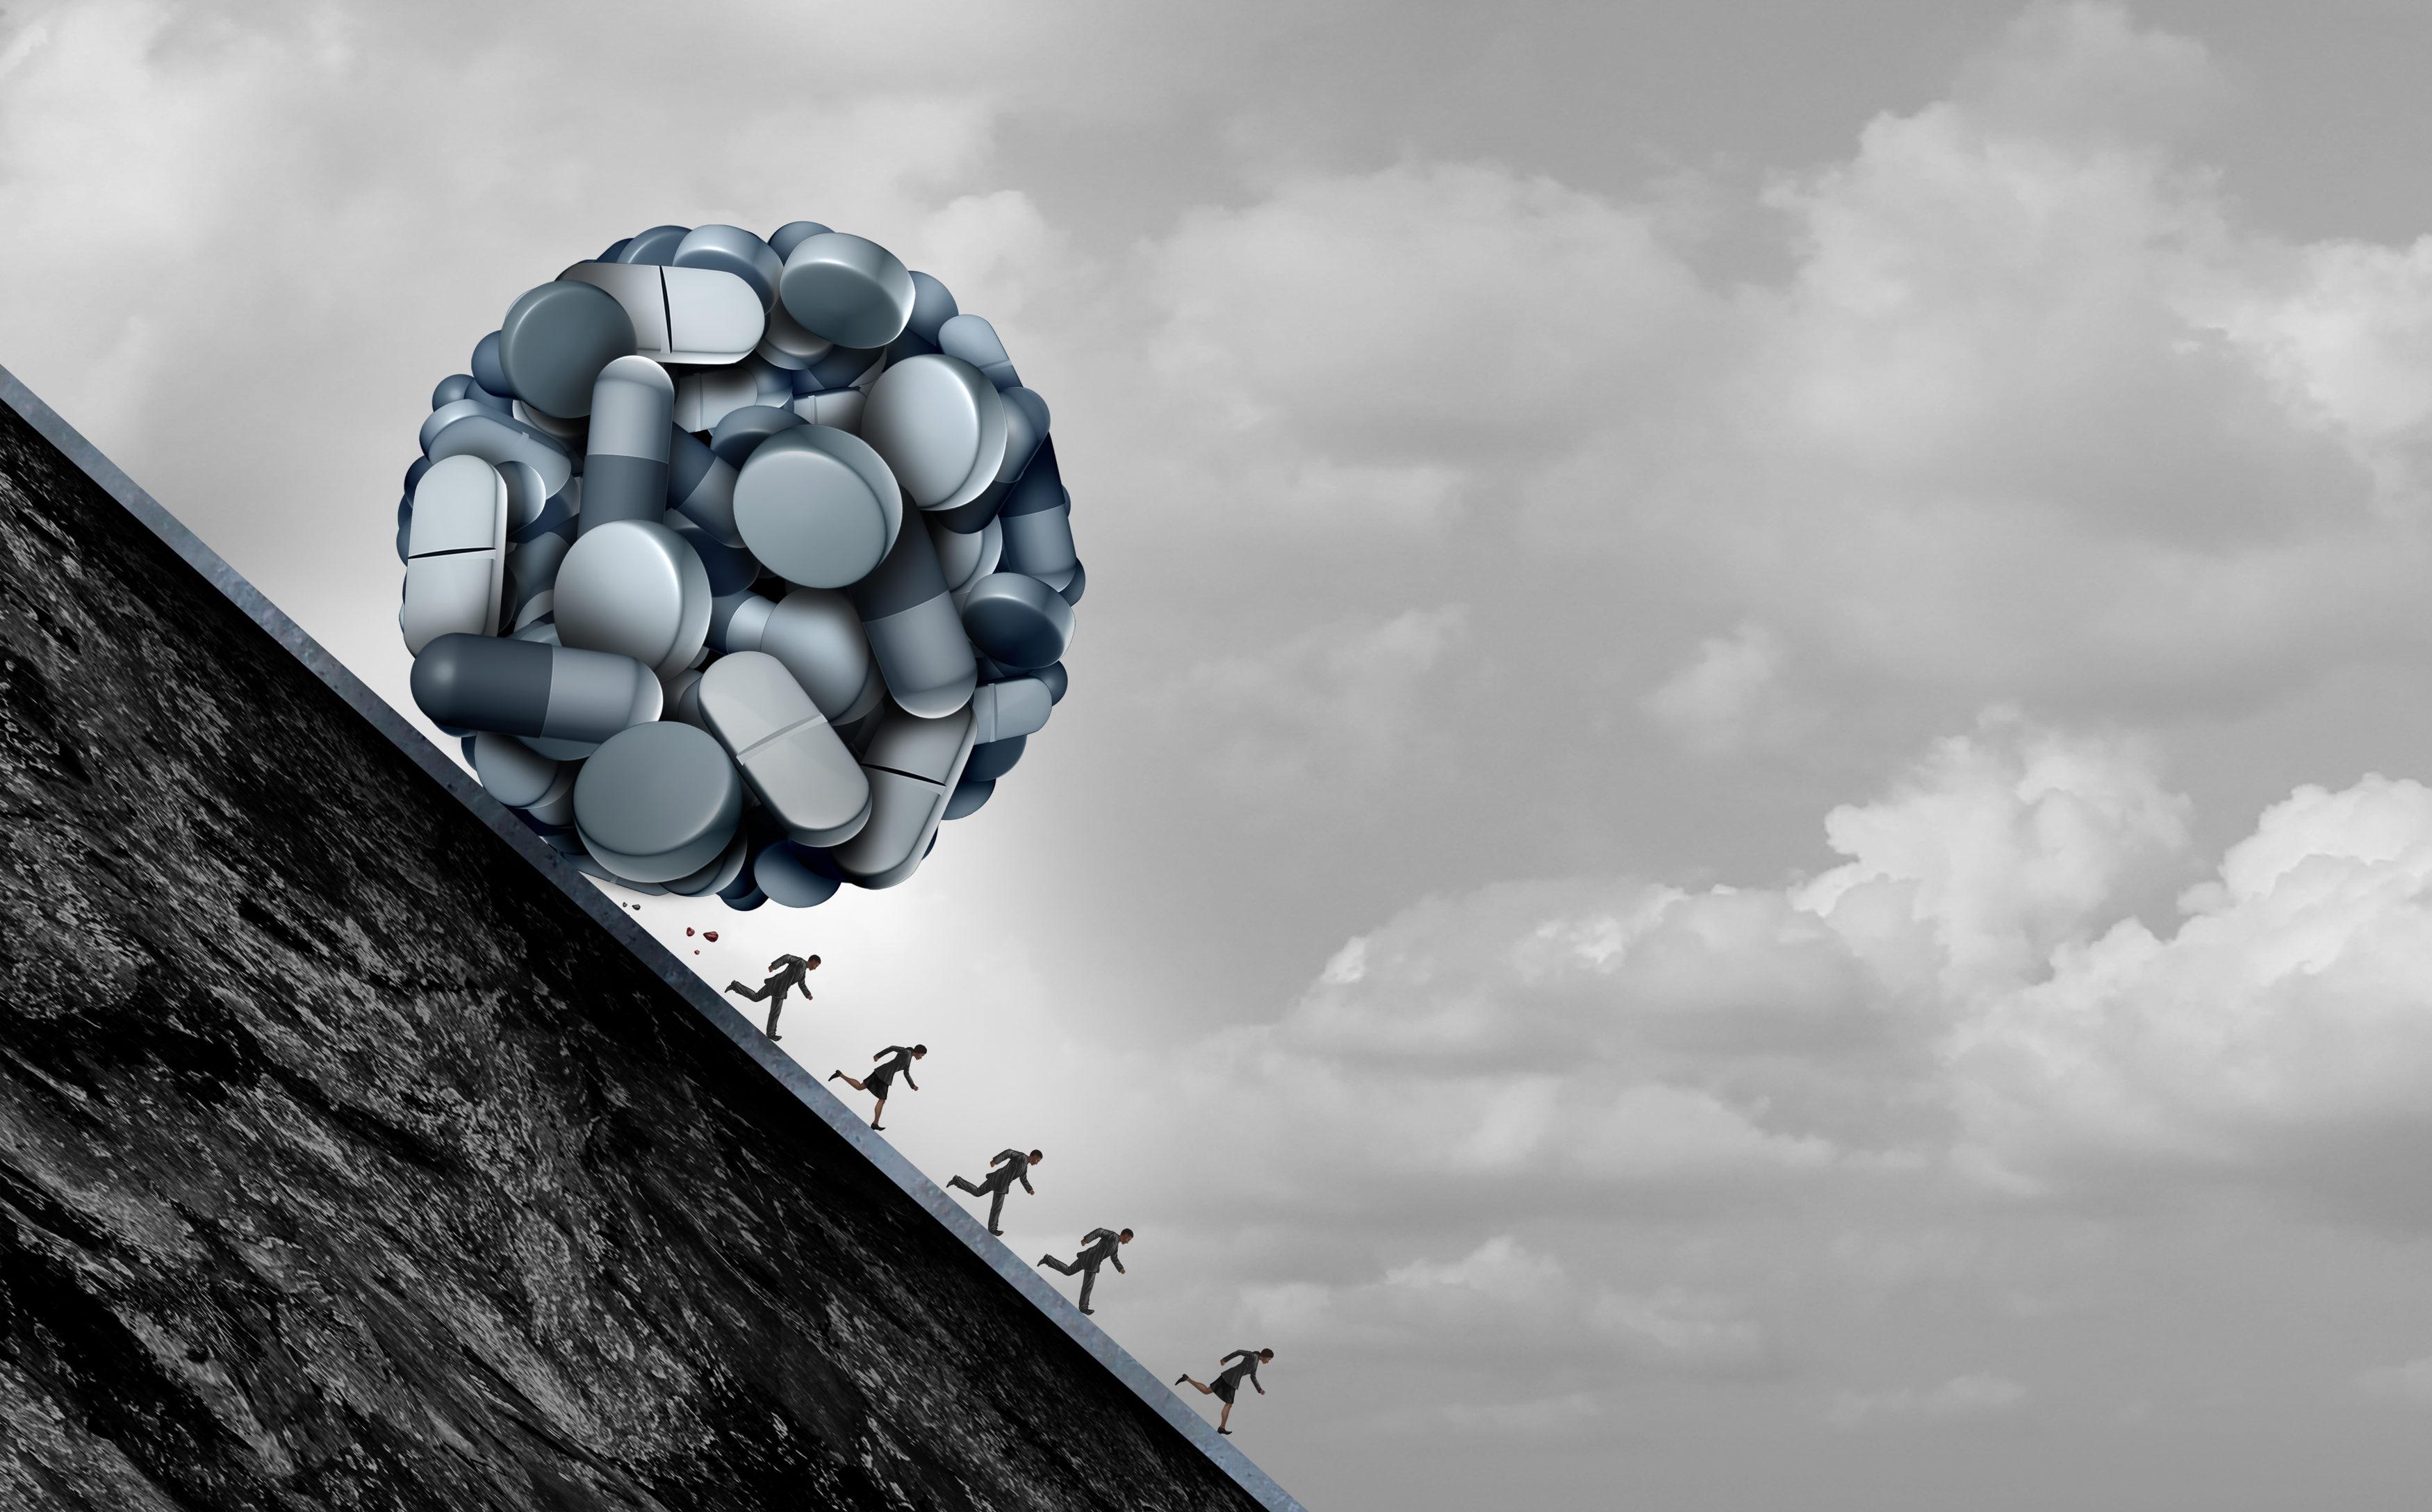 opioid-crisis-1-3500x2176.jpeg